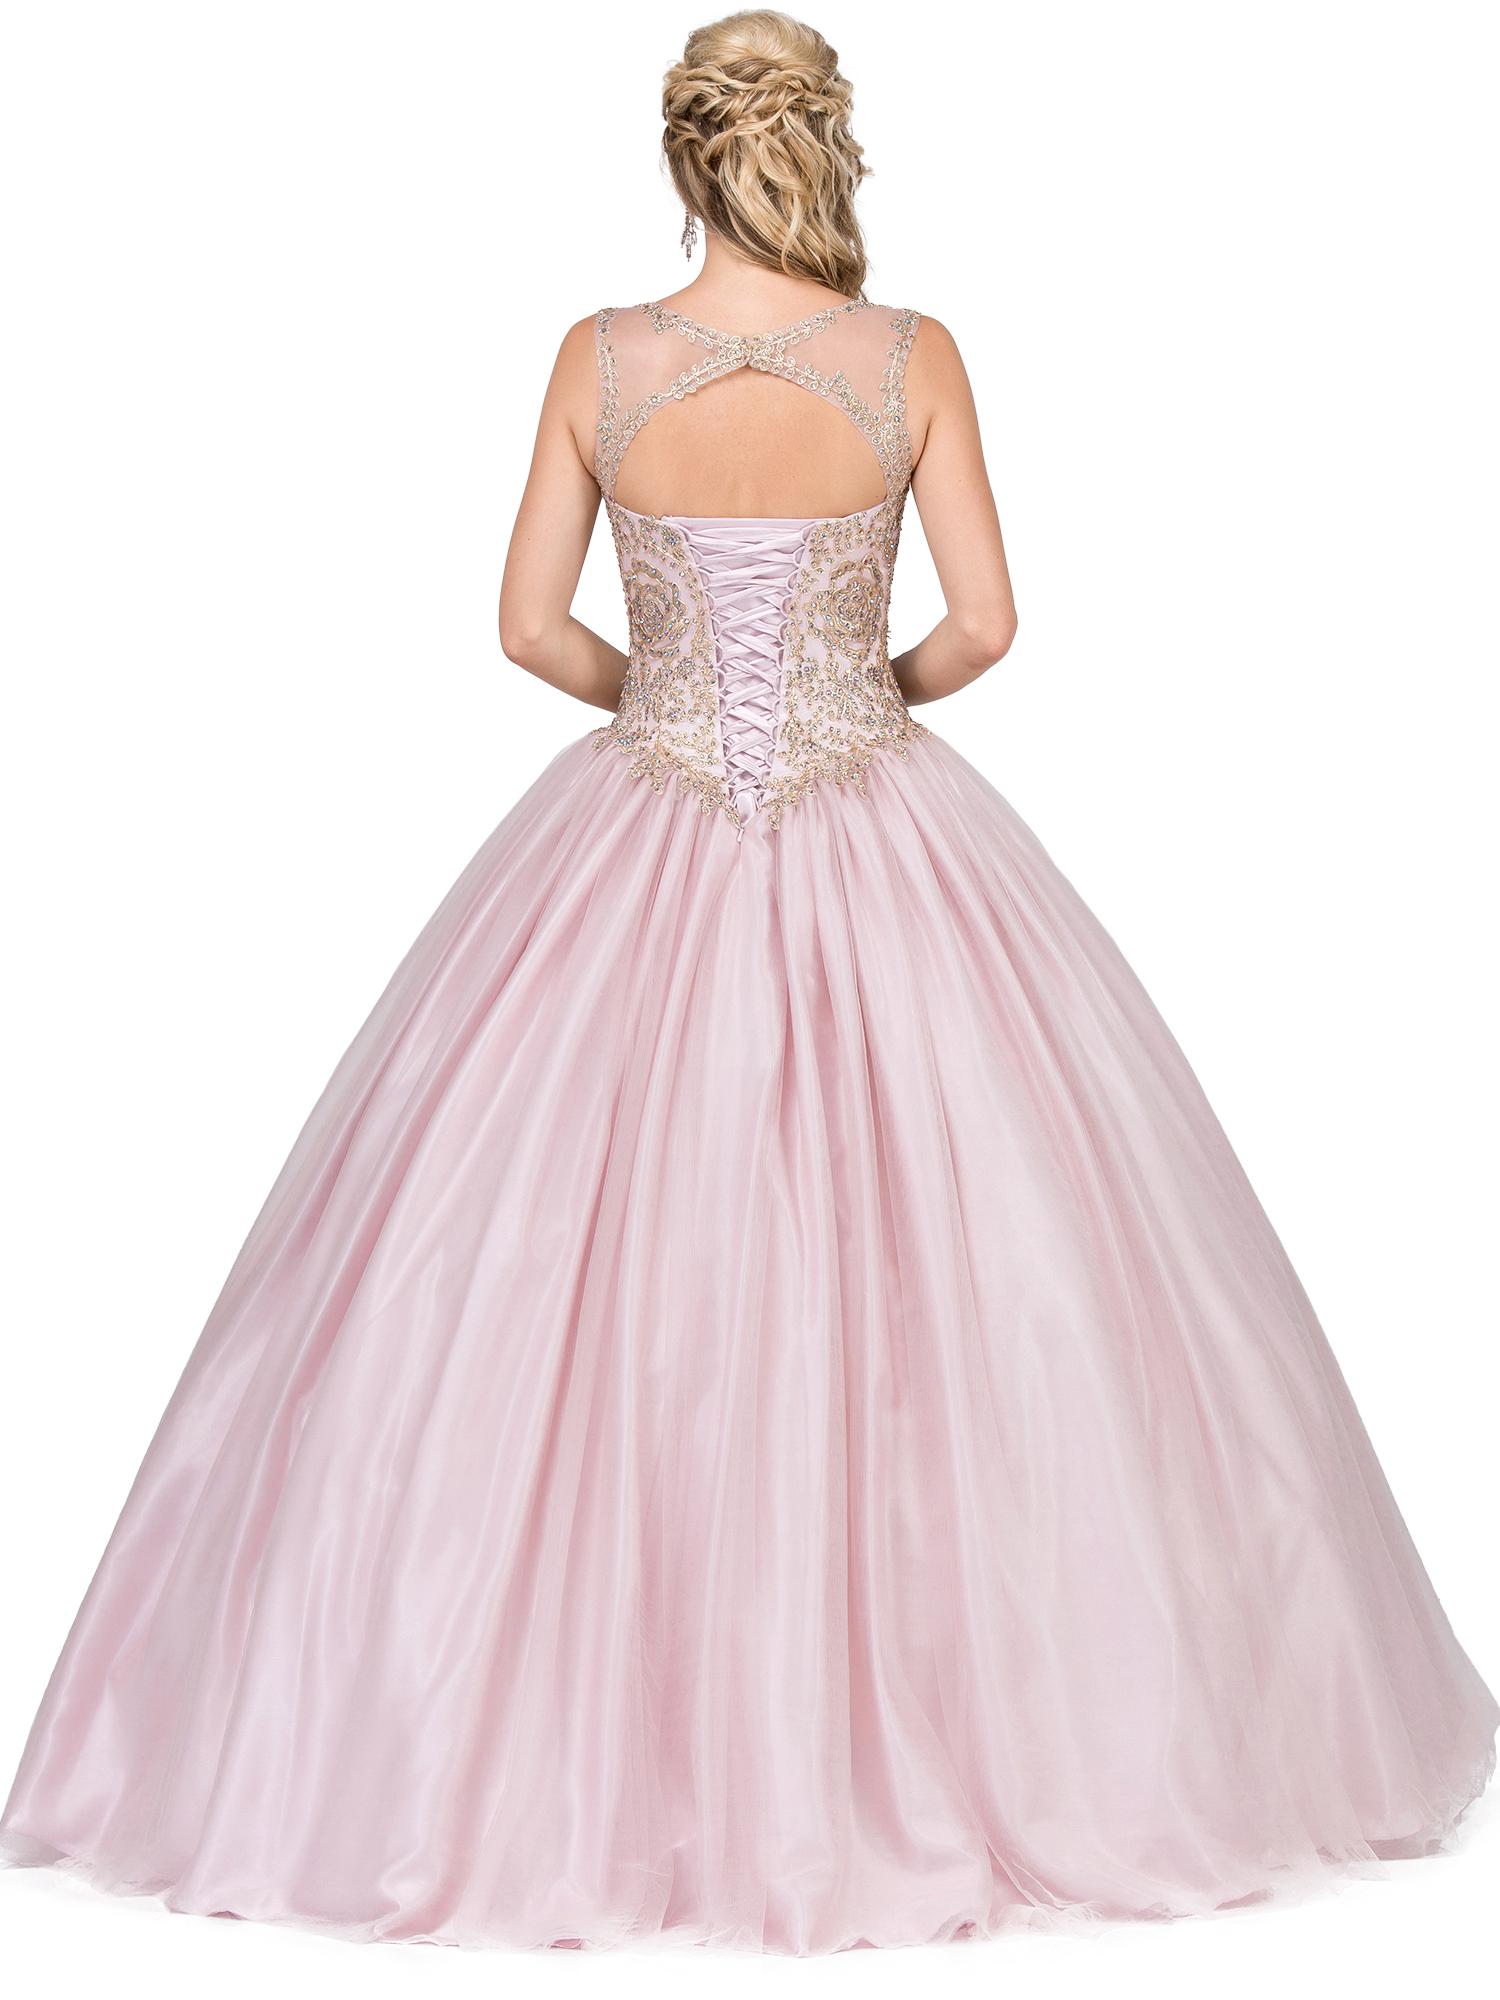 vestido rosa quince años trasero star dance